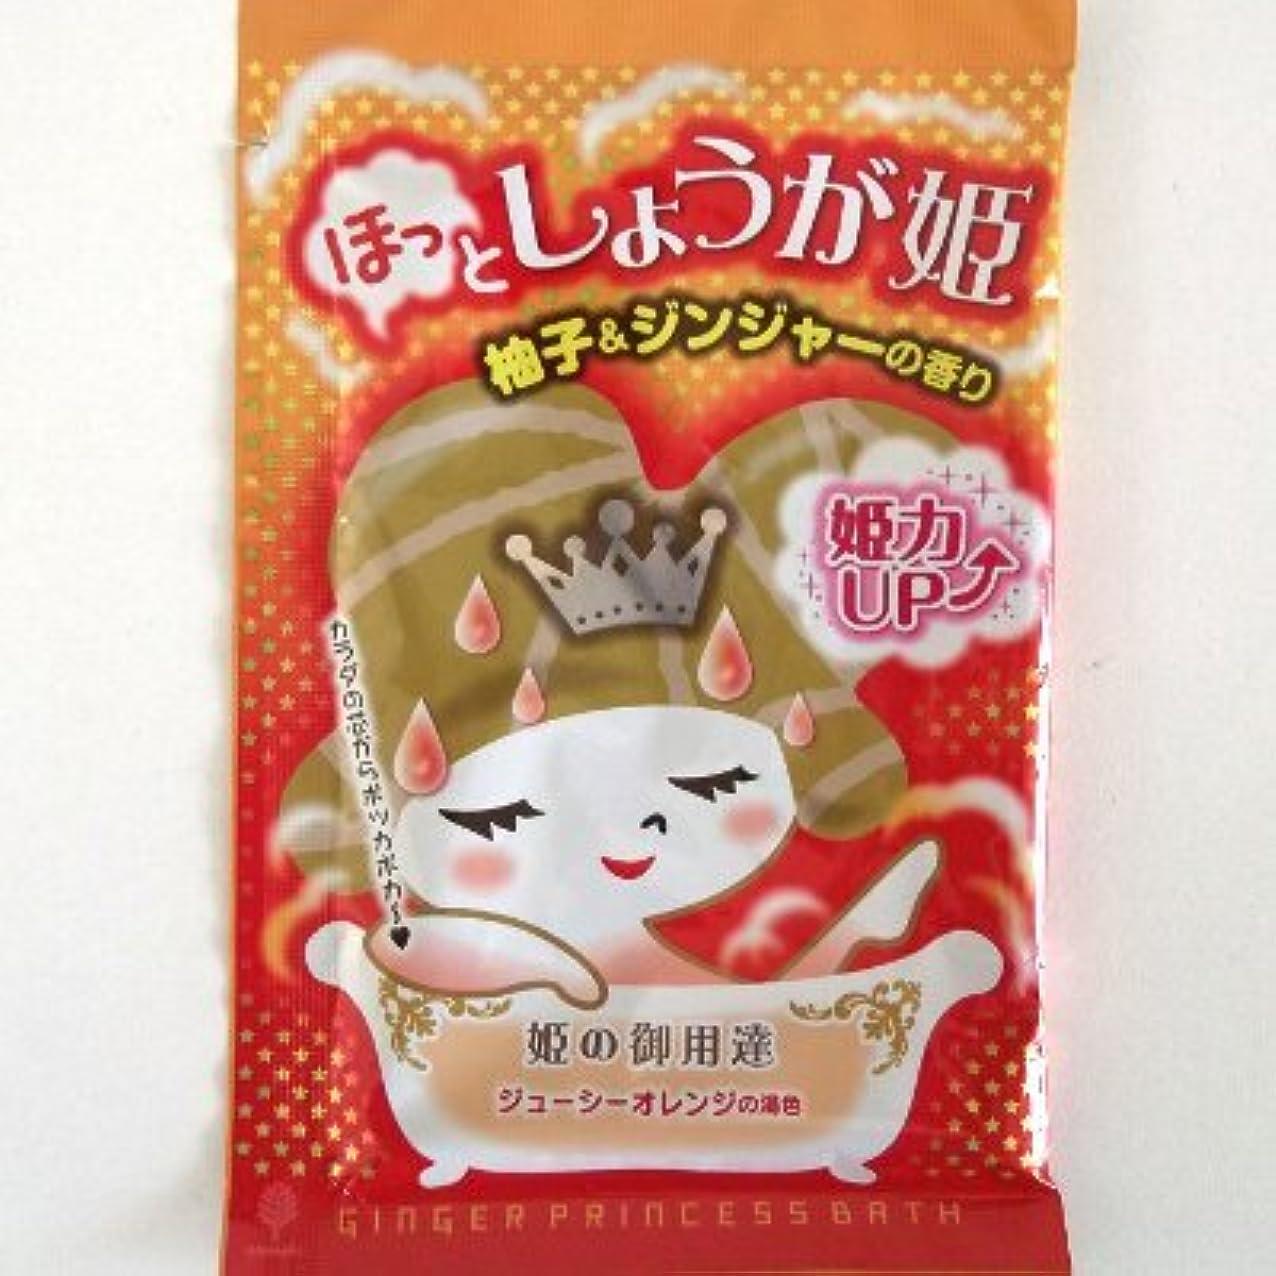 拍車小説比喩紀陽除虫菊 ほっとしょうが姫 柚子&ジンジャーの香り【まとめ買い12個セット】 N-8400